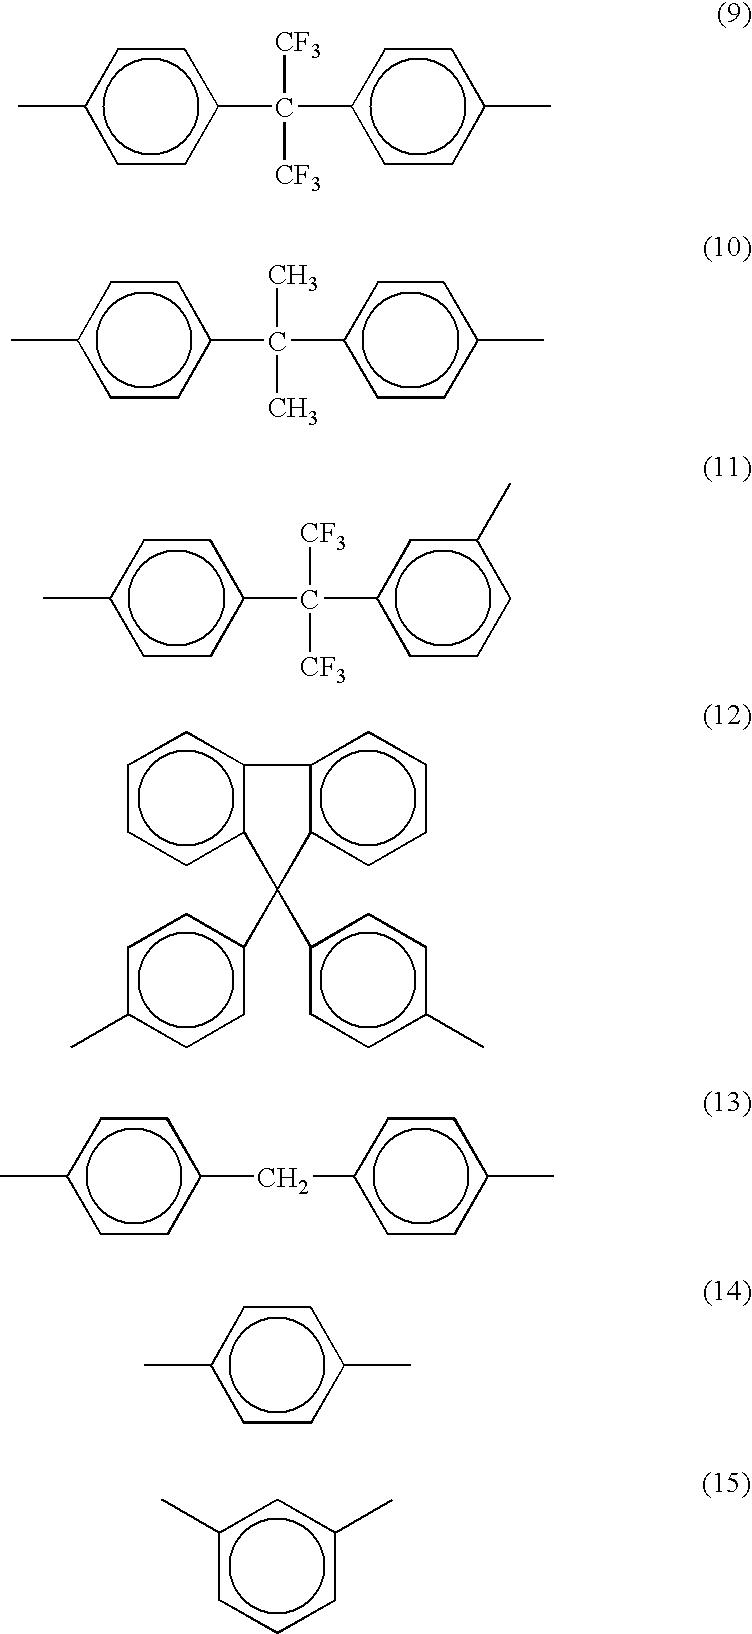 Figure US20040100599A1-20040527-C00007